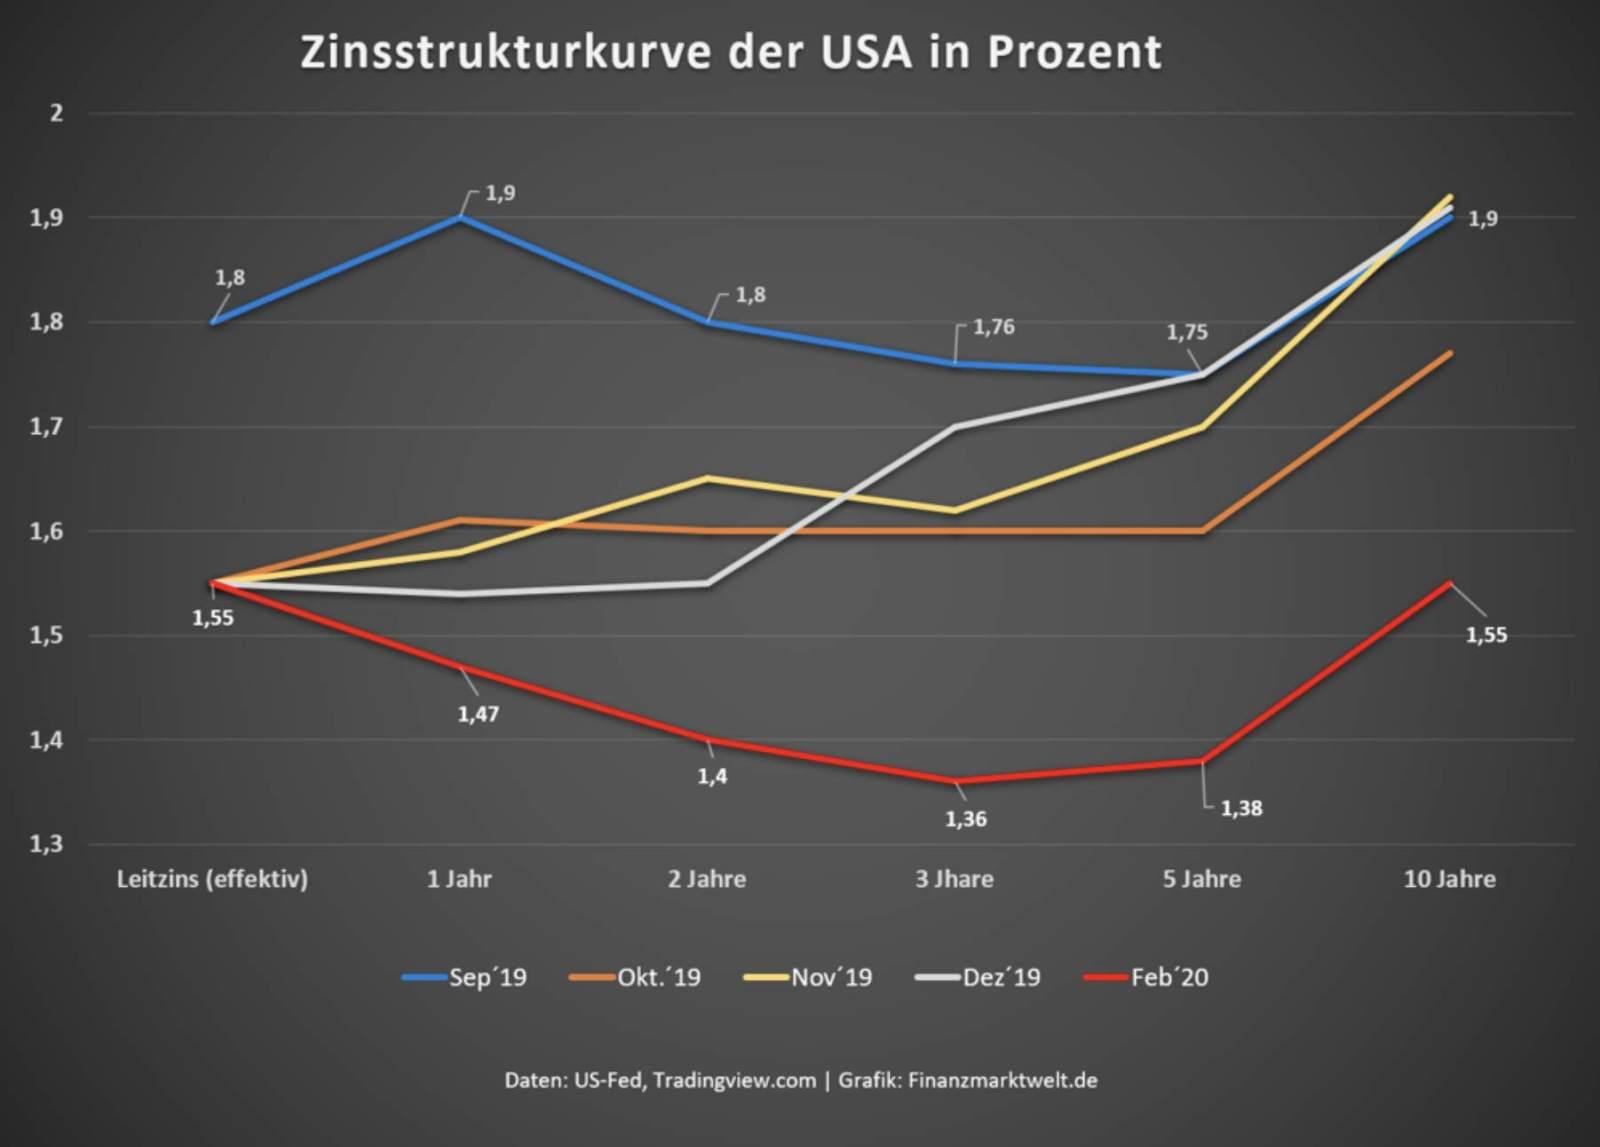 Zinssenkung? Hier die Zinsstrukturkurve als Chart